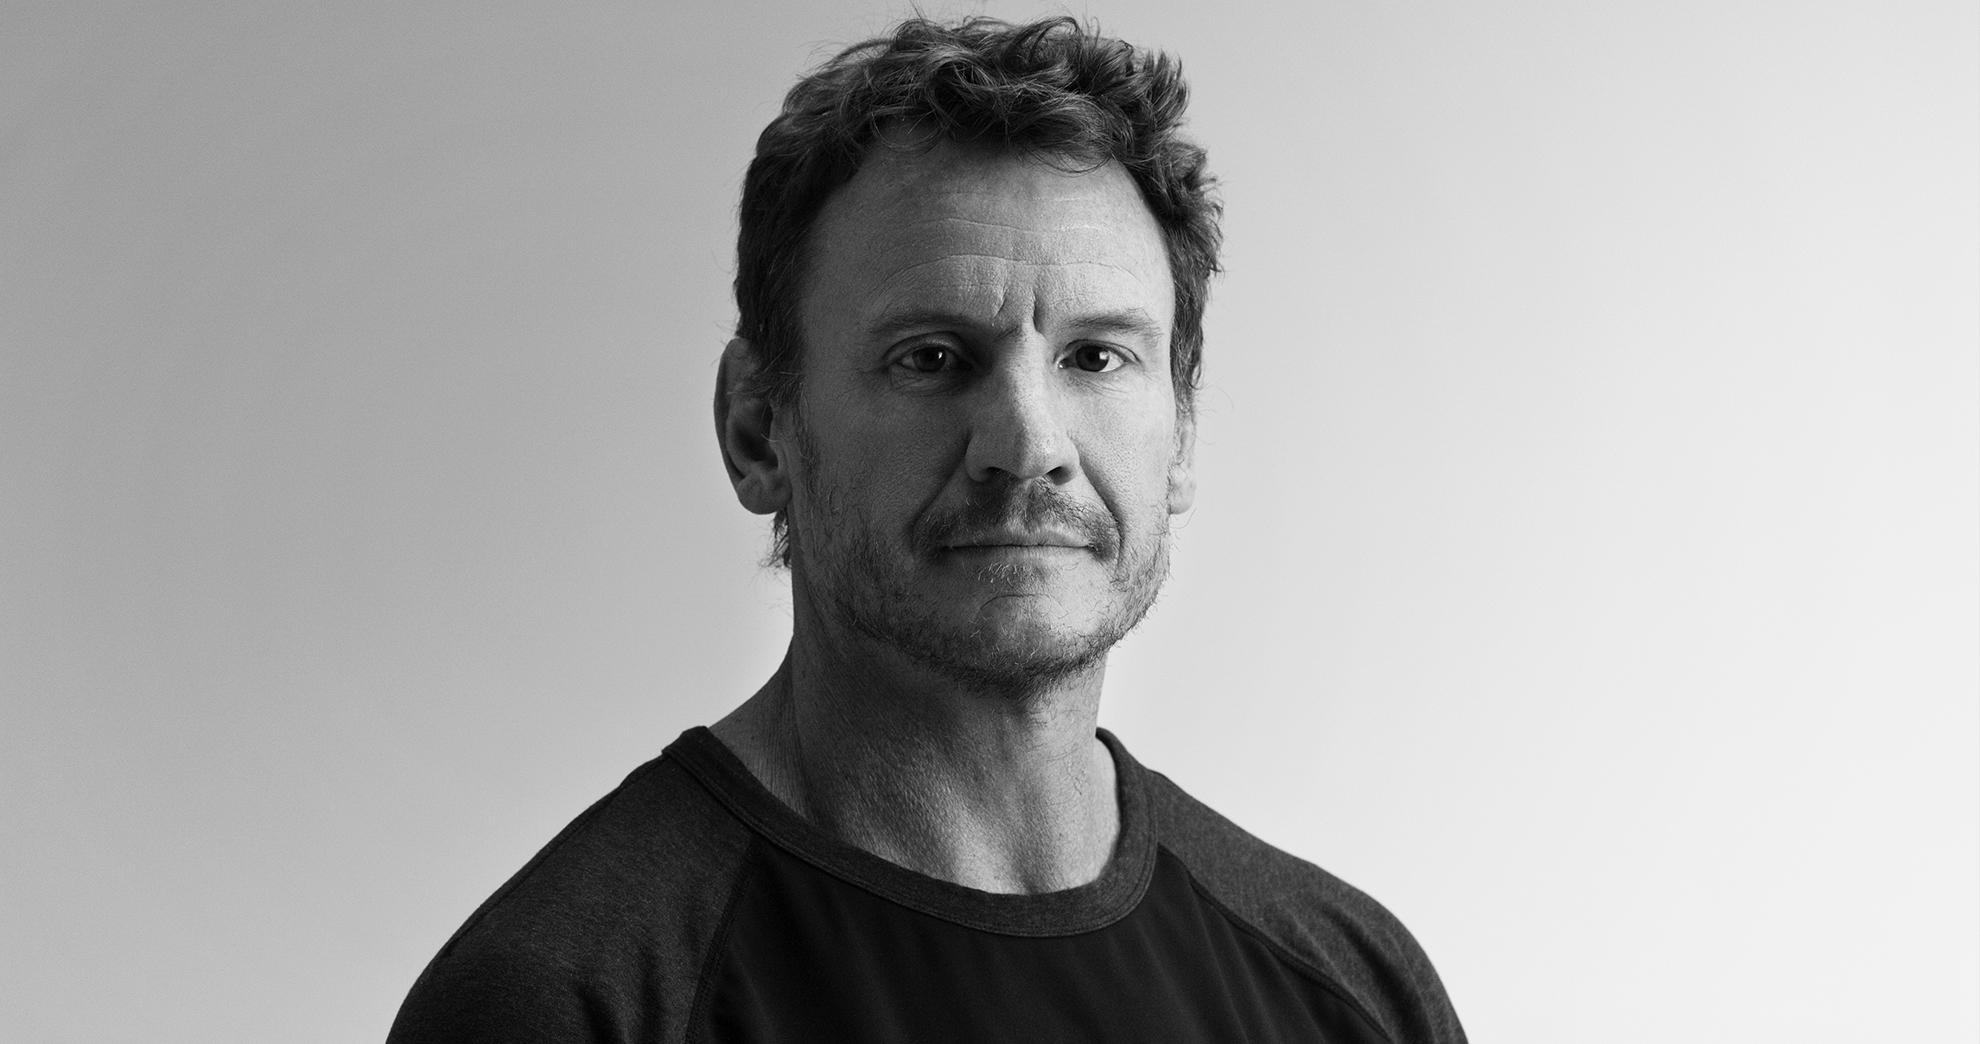 Nick Law es el principal responsable de la creatividad mundial de una de las agencias más premiadas del mundo, R/GA. Como director creativo global, Nick guía la visión estratégica y creativa de R/GA, una visión que evoluciona y al mismo tiempo se mantiene fiel al legado de R/GA de combinar creatividad de nivel internacional y tecnología de vanguardia.